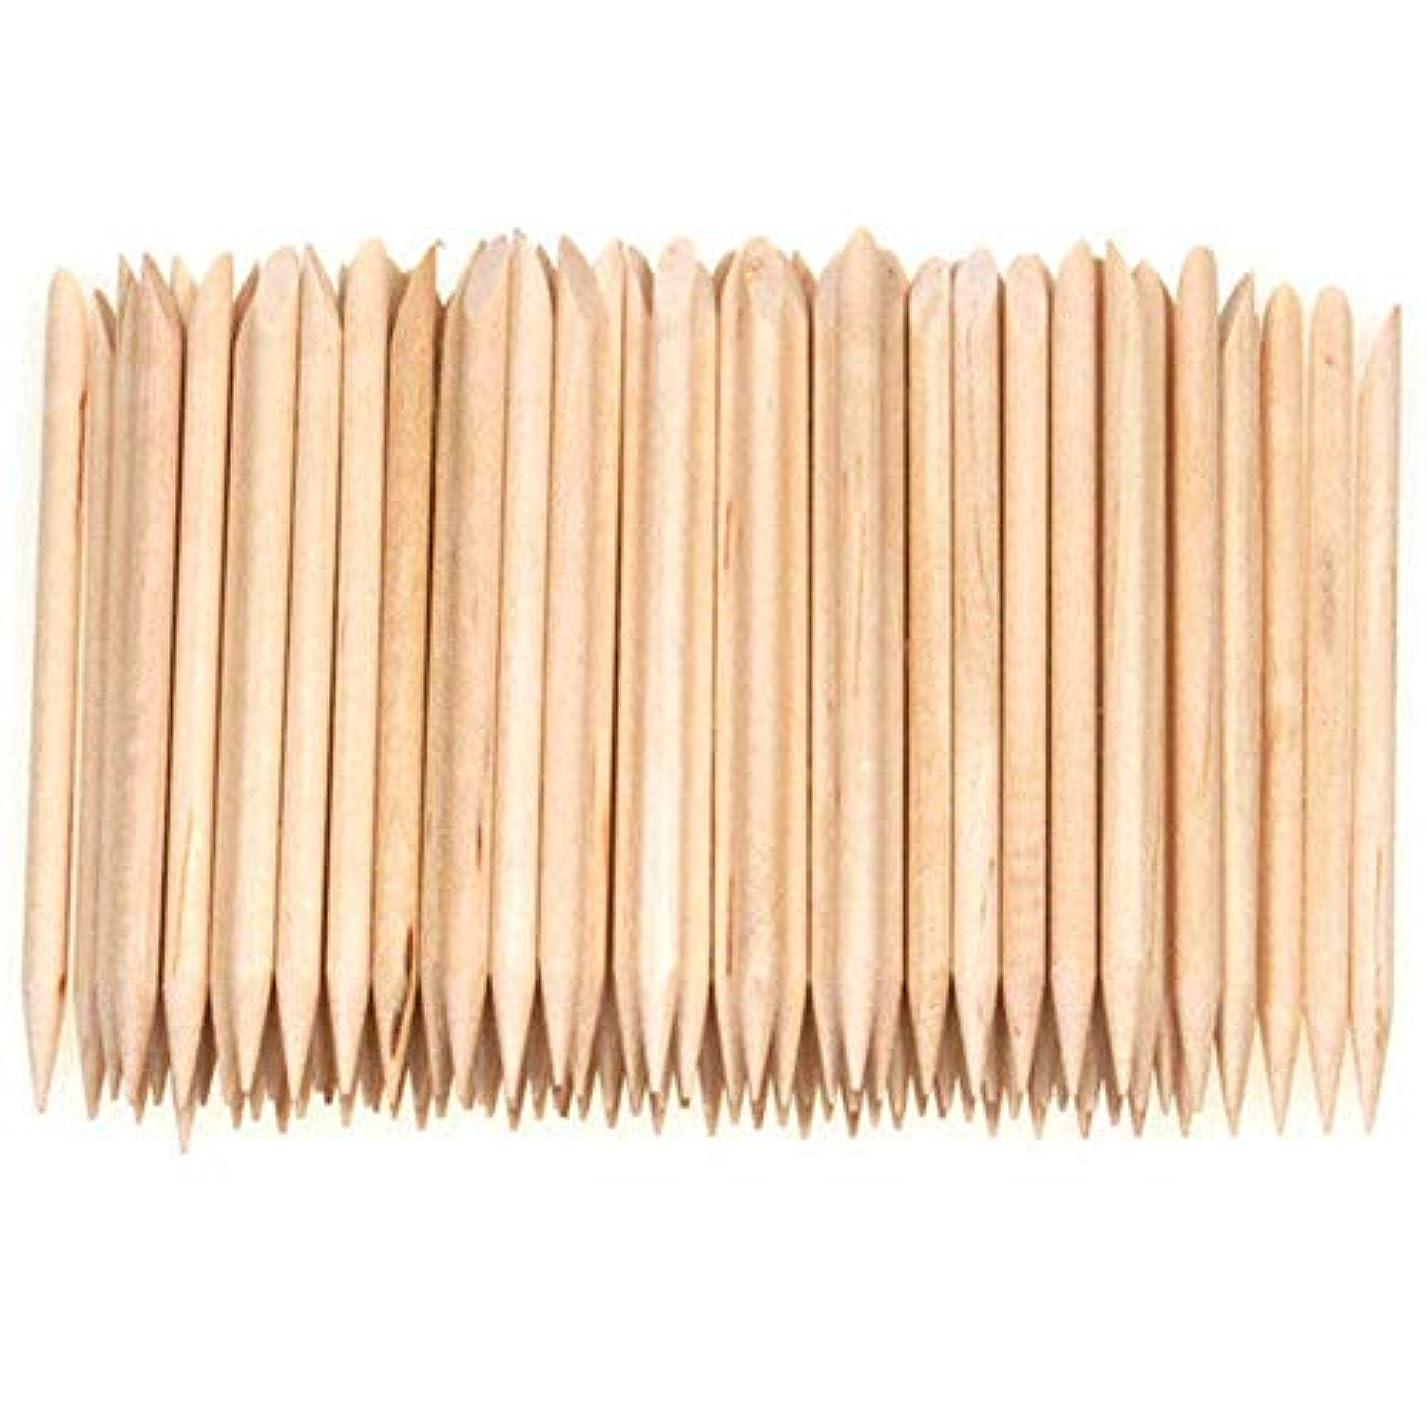 のスコアいとこパイプSODIAL 100個ネイルアートデザイン木製の棒キューティクルプッシャーリムーバーマニキュアケア